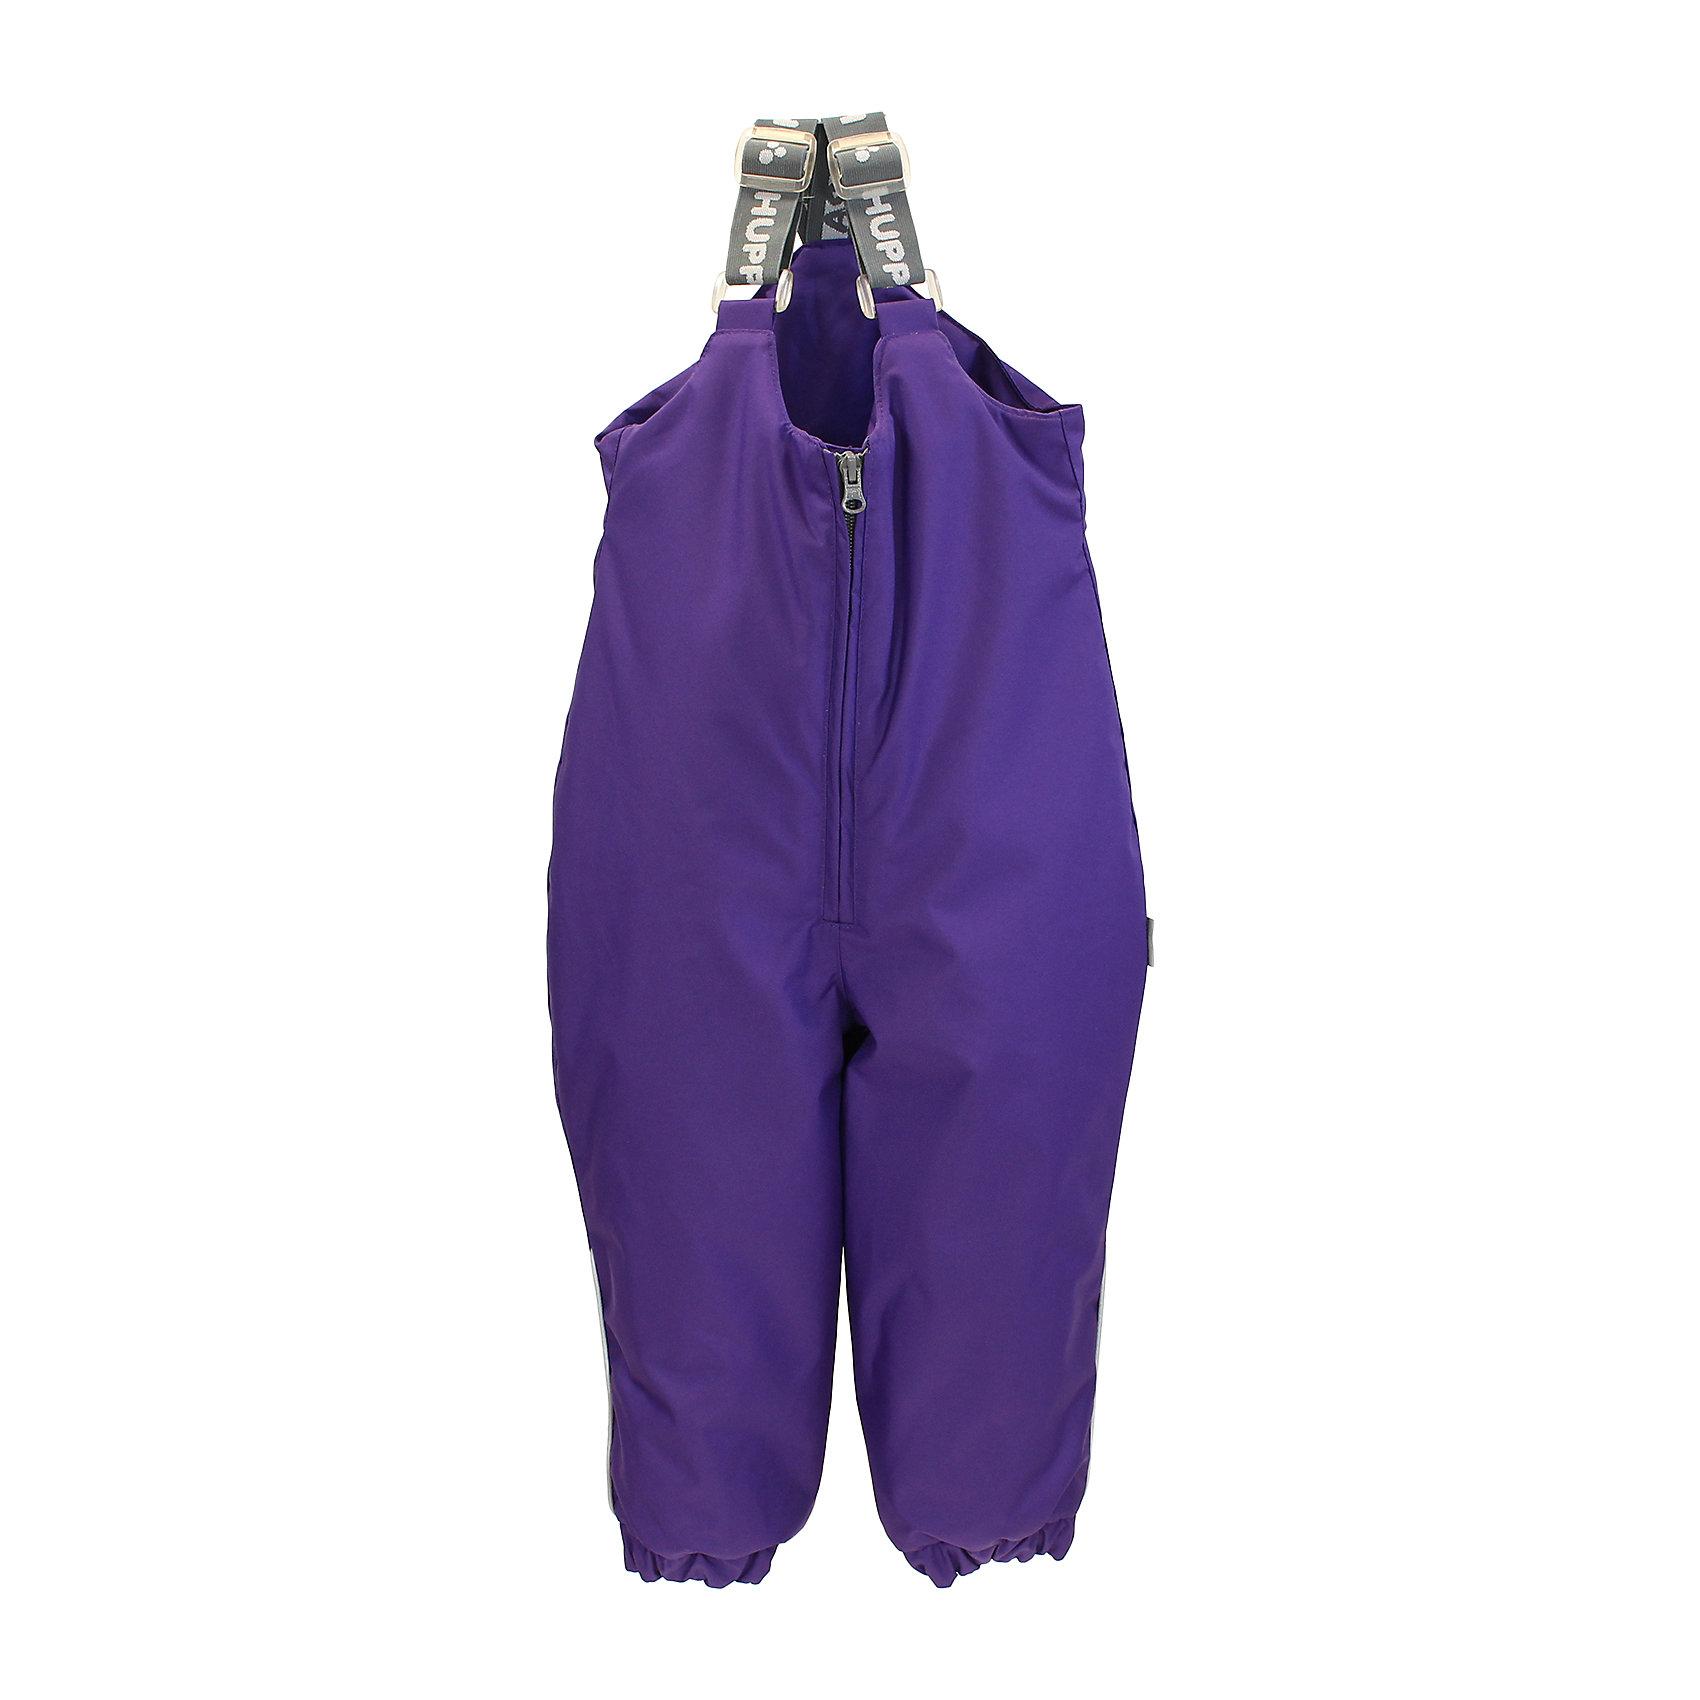 Полукомбинезон для девочки HuppaКлассические зимние брюки для малышей с высоким поясом. У брюк приятная хлопковая фланелевая подкладка и отлично подходящая для нашего климата дышащая и водоотталкивающая ткань. Для удобства одевания маленького ребенка на брюках имеются регулируемые резиновые подтяжки, длинный замок и нижний край штанин на резинке. На брюках имеются надевающиеся под подошву резинки, которые предотвращают попадание снега в сапог, а светоотражающие детали в боковых швах позволят безопасно играть в снегу и более темное время.<br>Huppa (Хуппа)Therm 160 грамм<br> Высокотехнологичный лёгкий синтетический утеплитель нового поколения, сохраняет объём и высокую теплоизоляцию изделия, а также легко стирается и быстро сохнет.<br>Влагоустойчивая и дышащая ткань 10 000/ 10 000<br>Мембрана препятствует прохождению воды и ветра сквозь ткань внутрь изделия, позволяя испаряться выделяемой телом, образовывающейся внутри влаге.<br>Проклеенные швы<br>Для максимальной влагонепроницаемости изделия, важнейшие швы проклеены водостойкой лентой.<br>Прочная ткань<br>Сплетения волокон в тканях выполнены по специальной технологии, которая придаёт ткани прочность и предохранят от истирания.<br>Светоотражательные детали<br>При плохих погодных условиях или в темноте, когда свет падает на одежду, он отражается, делая ребёнка более заметным, уменьшая возможность несчастных случаев.<br><br>Дополнительная информация:<br><br>Температурный режим: от 0° до -25°С<br>Ткань: 100% полиэстер<br>Подкладка: фланель - 100% хлопок<br>Утеплитель: 100% полиэстер 160г.<br>Шаговый шов проклеены<br><br>Полукомбинезон для девочки Huppa (Хуппа) можно купить в нашем магазине.<br><br>Ширина мм: 215<br>Глубина мм: 88<br>Высота мм: 191<br>Вес г: 336<br>Цвет: фиолетовый<br>Возраст от месяцев: 12<br>Возраст до месяцев: 18<br>Пол: Женский<br>Возраст: Детский<br>Размер: 86,98,104,80,92<br>SKU: 4242334